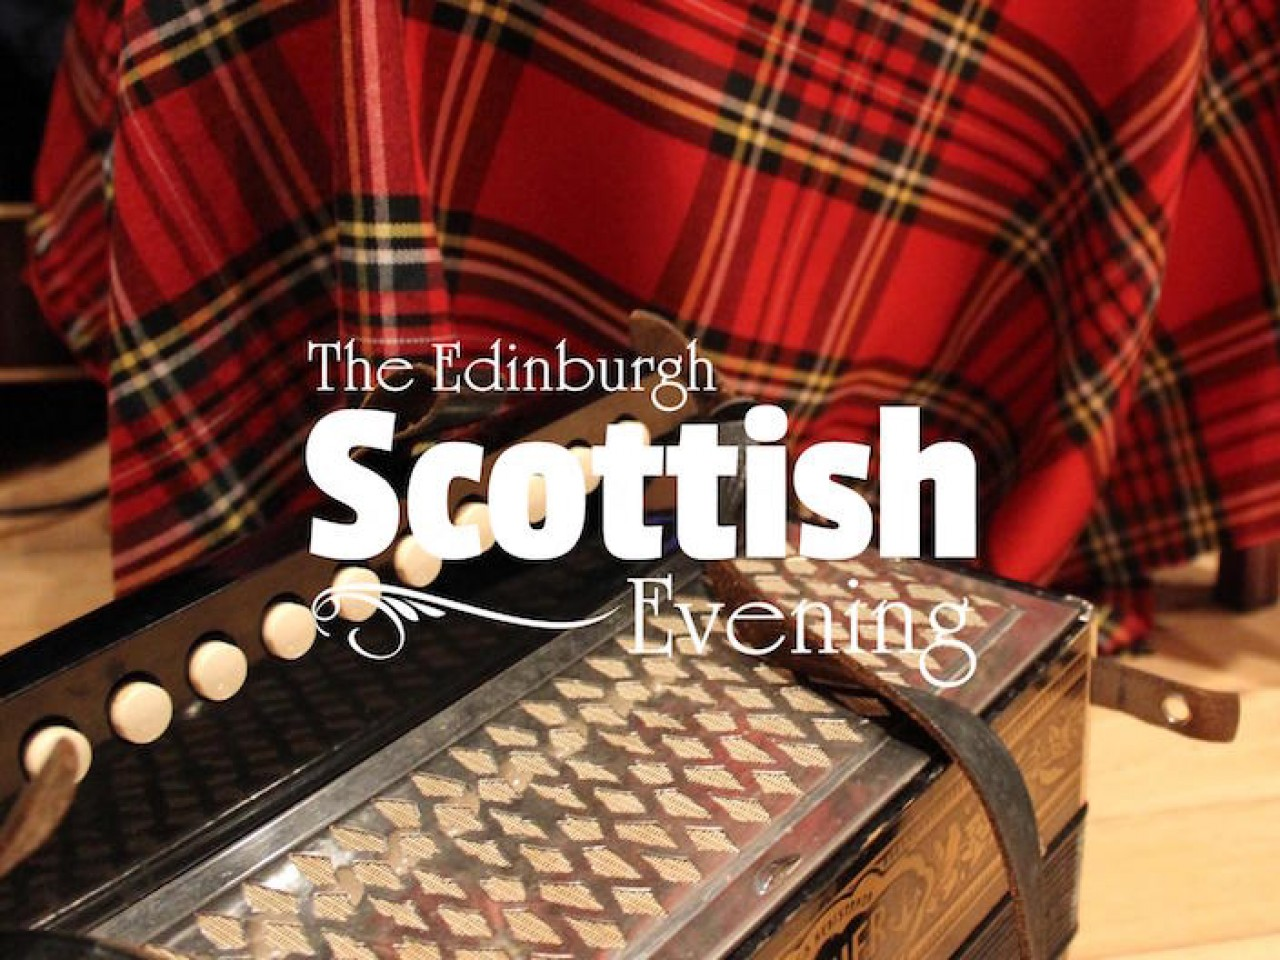 Edinburgh Scottish Evening